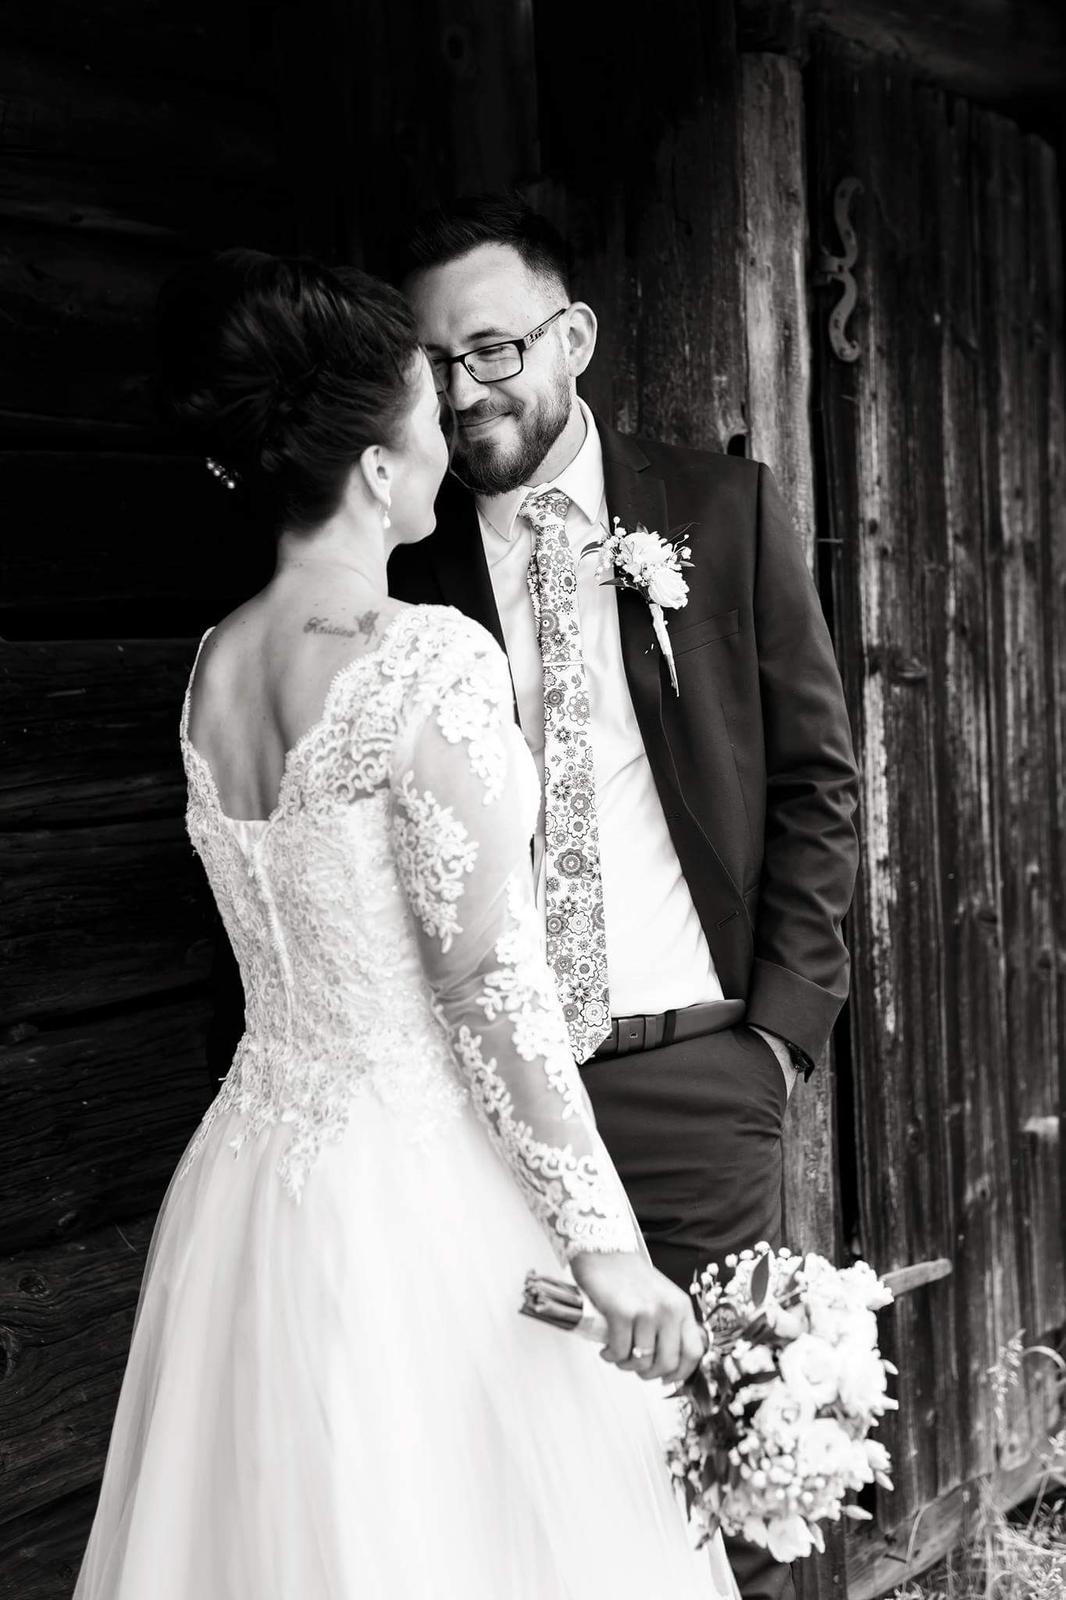 Naša svadba 23.06.2018 ❤❤ - Obrázok č. 2